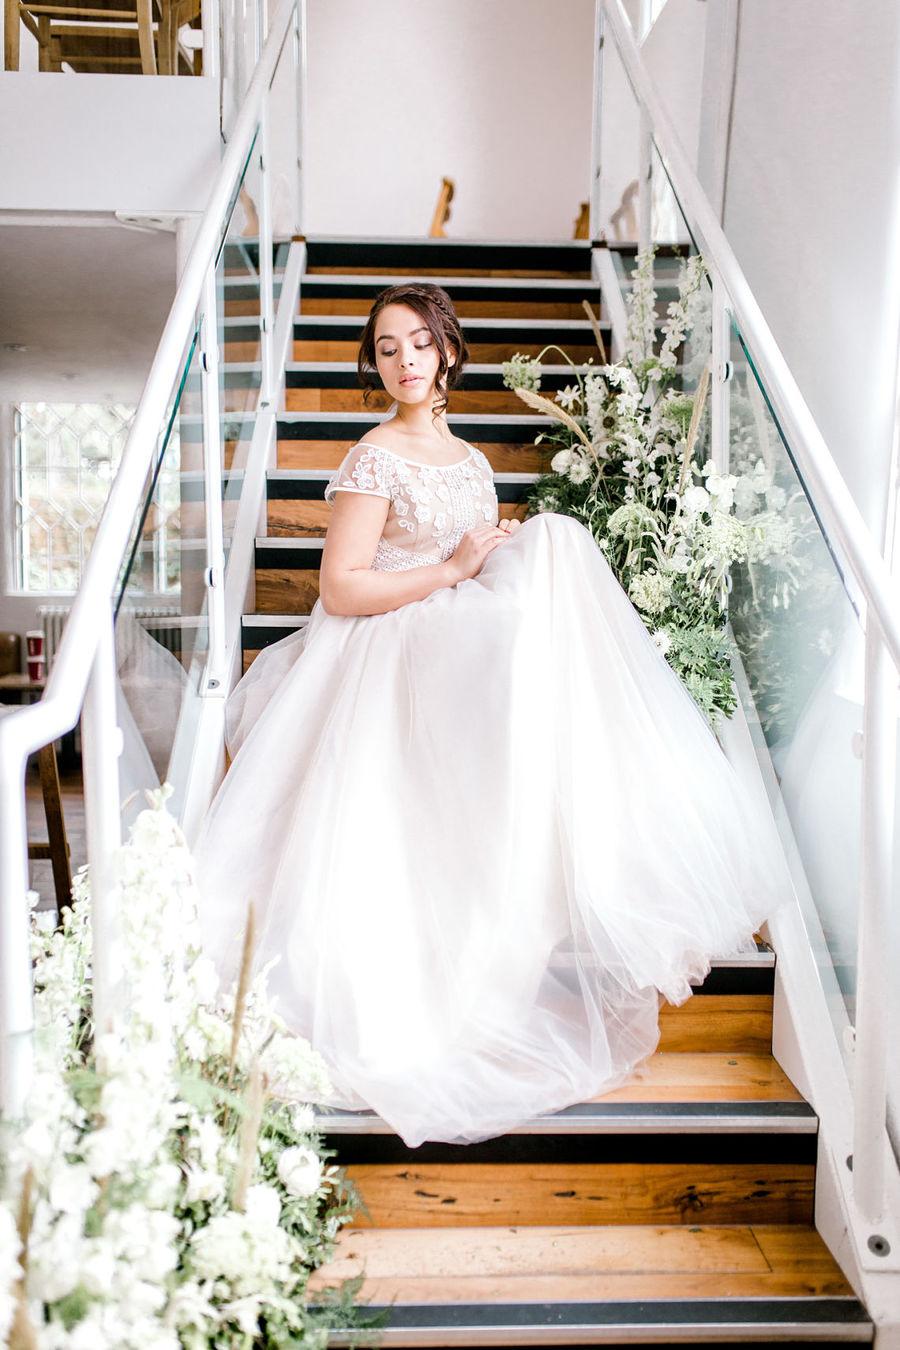 Minimal elegant wedding style ideas by Wildflower Wedding Planner Natasha, images Helene Elliott Photography (14)